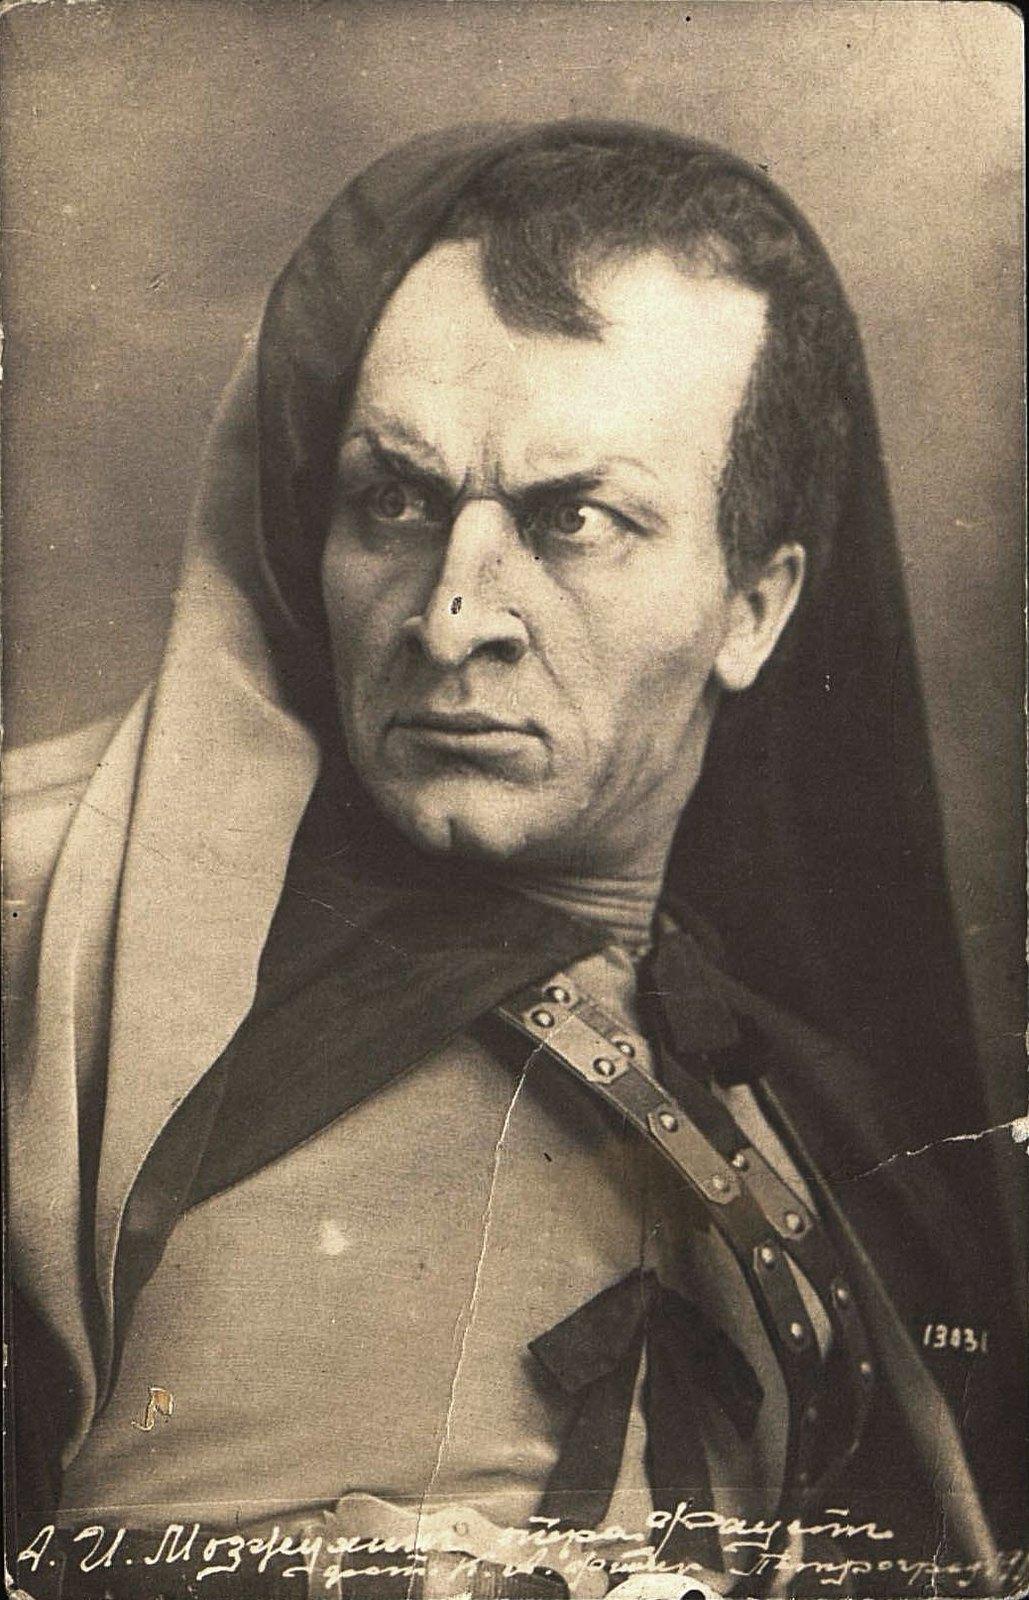 Мозжухин А.И., артист Петербургской музыкальной драмы, в роли Мефистофеля в опере «Фауст» во время гастролей в Одессе. 1916-1918 гг.